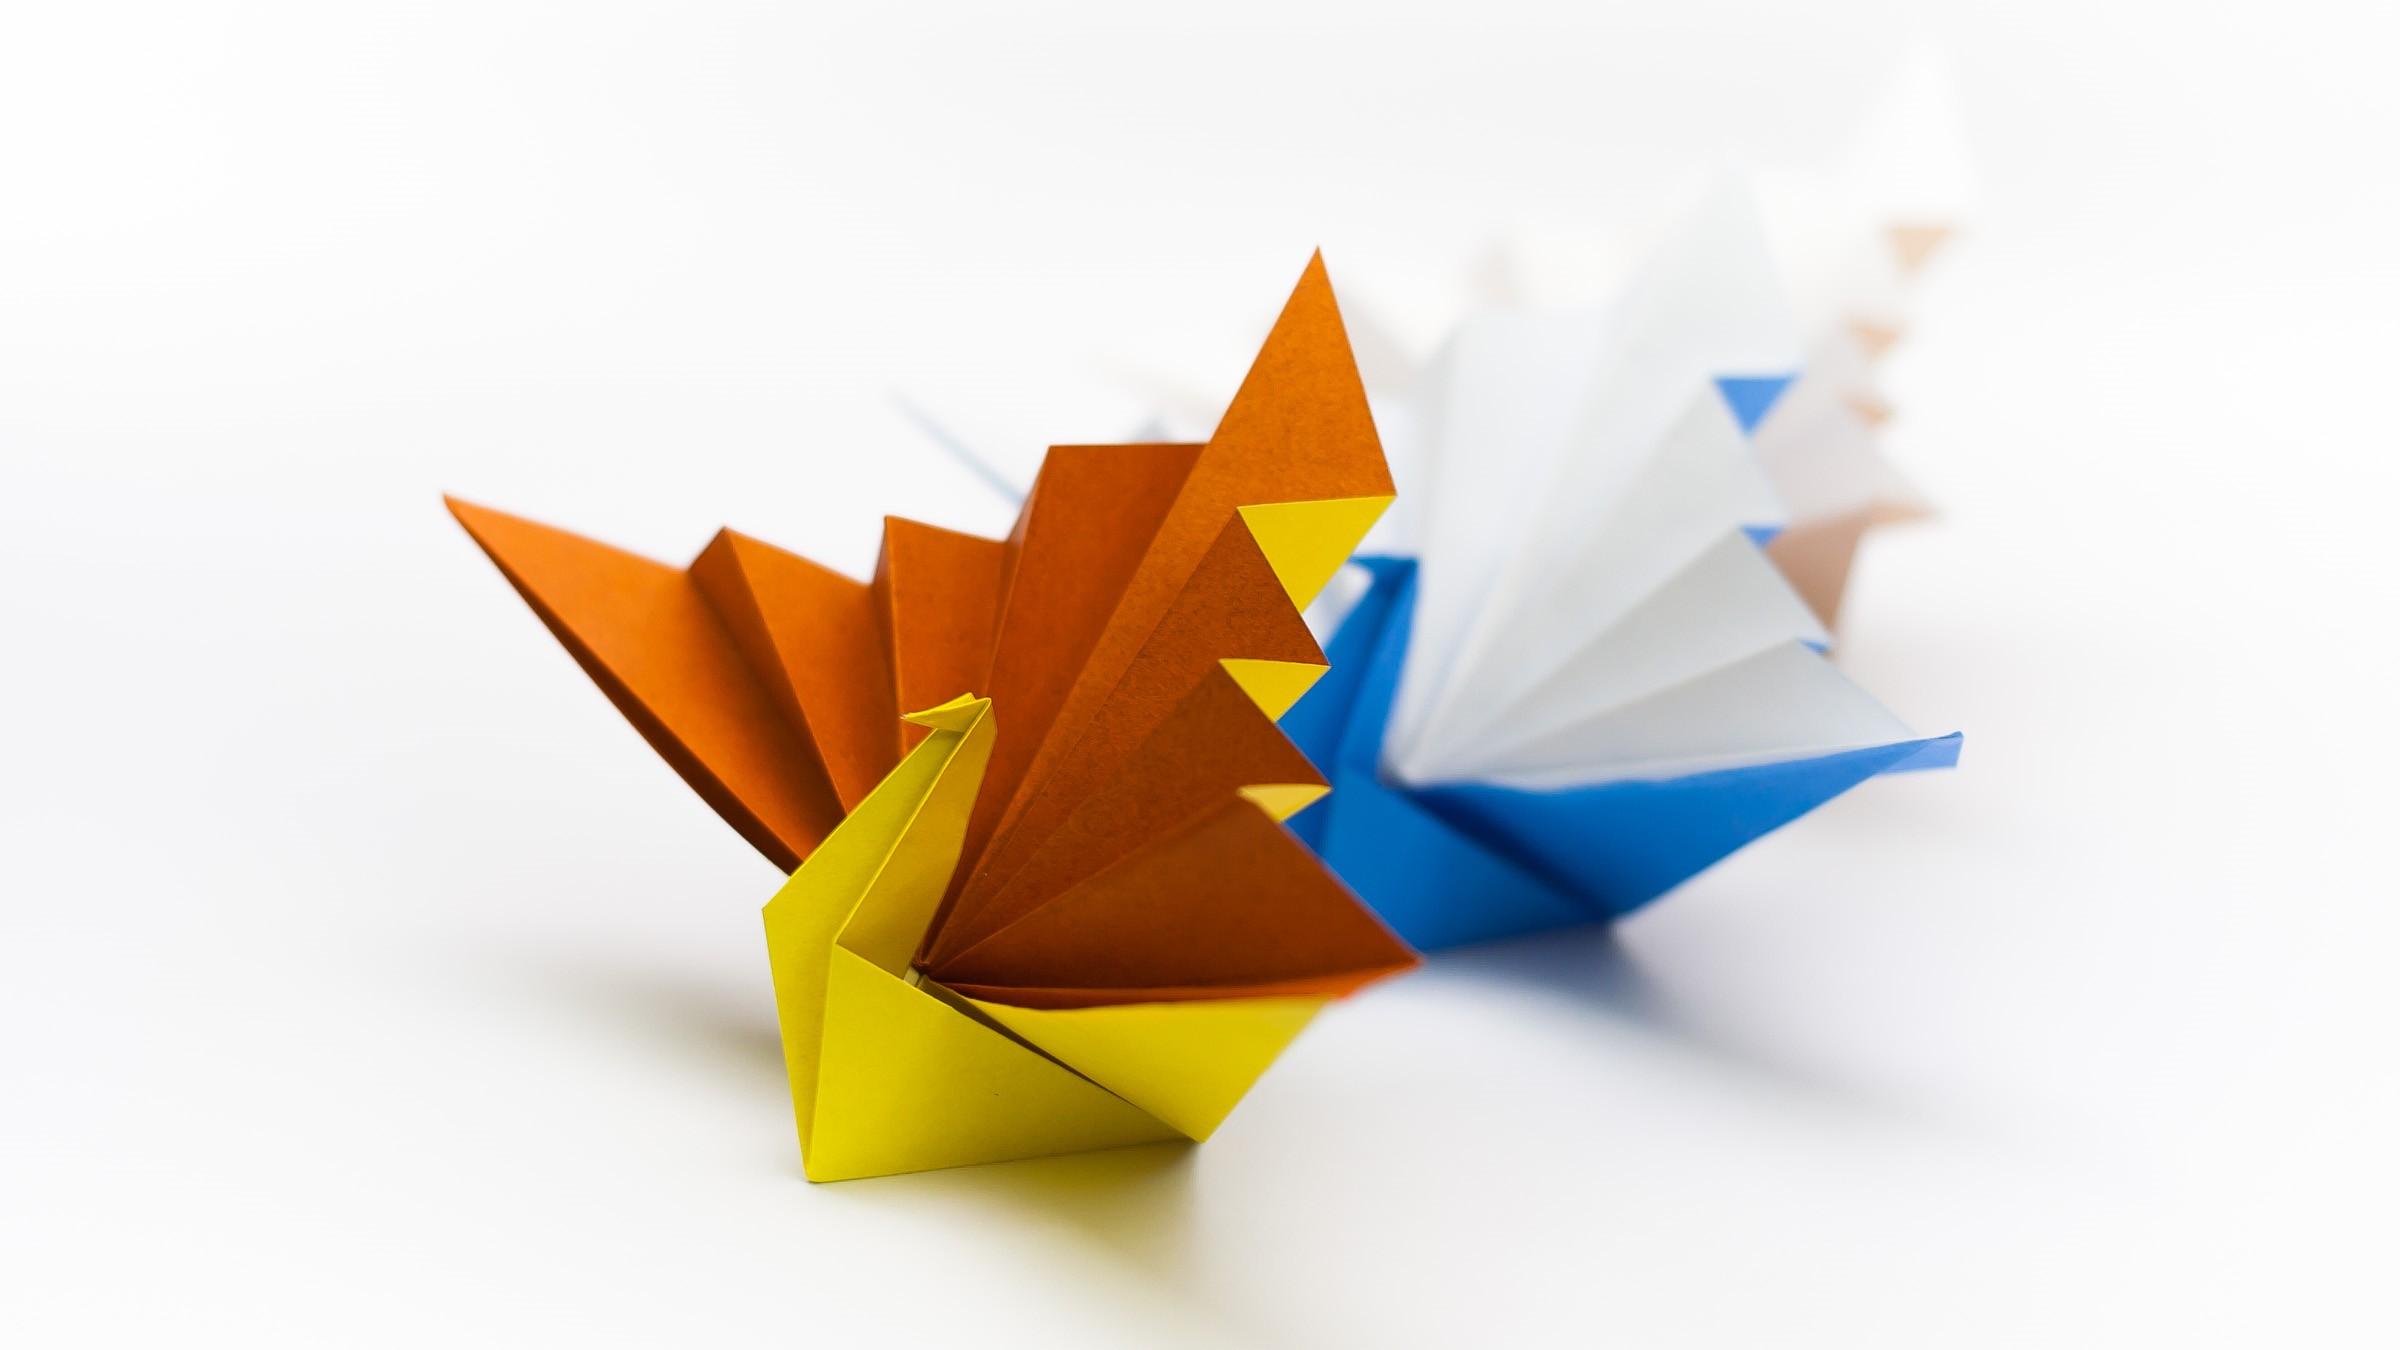 วิธีพับกระดาษเป็นรูปนกยูง (Origami Peacock - ピーコックの折り紙) A